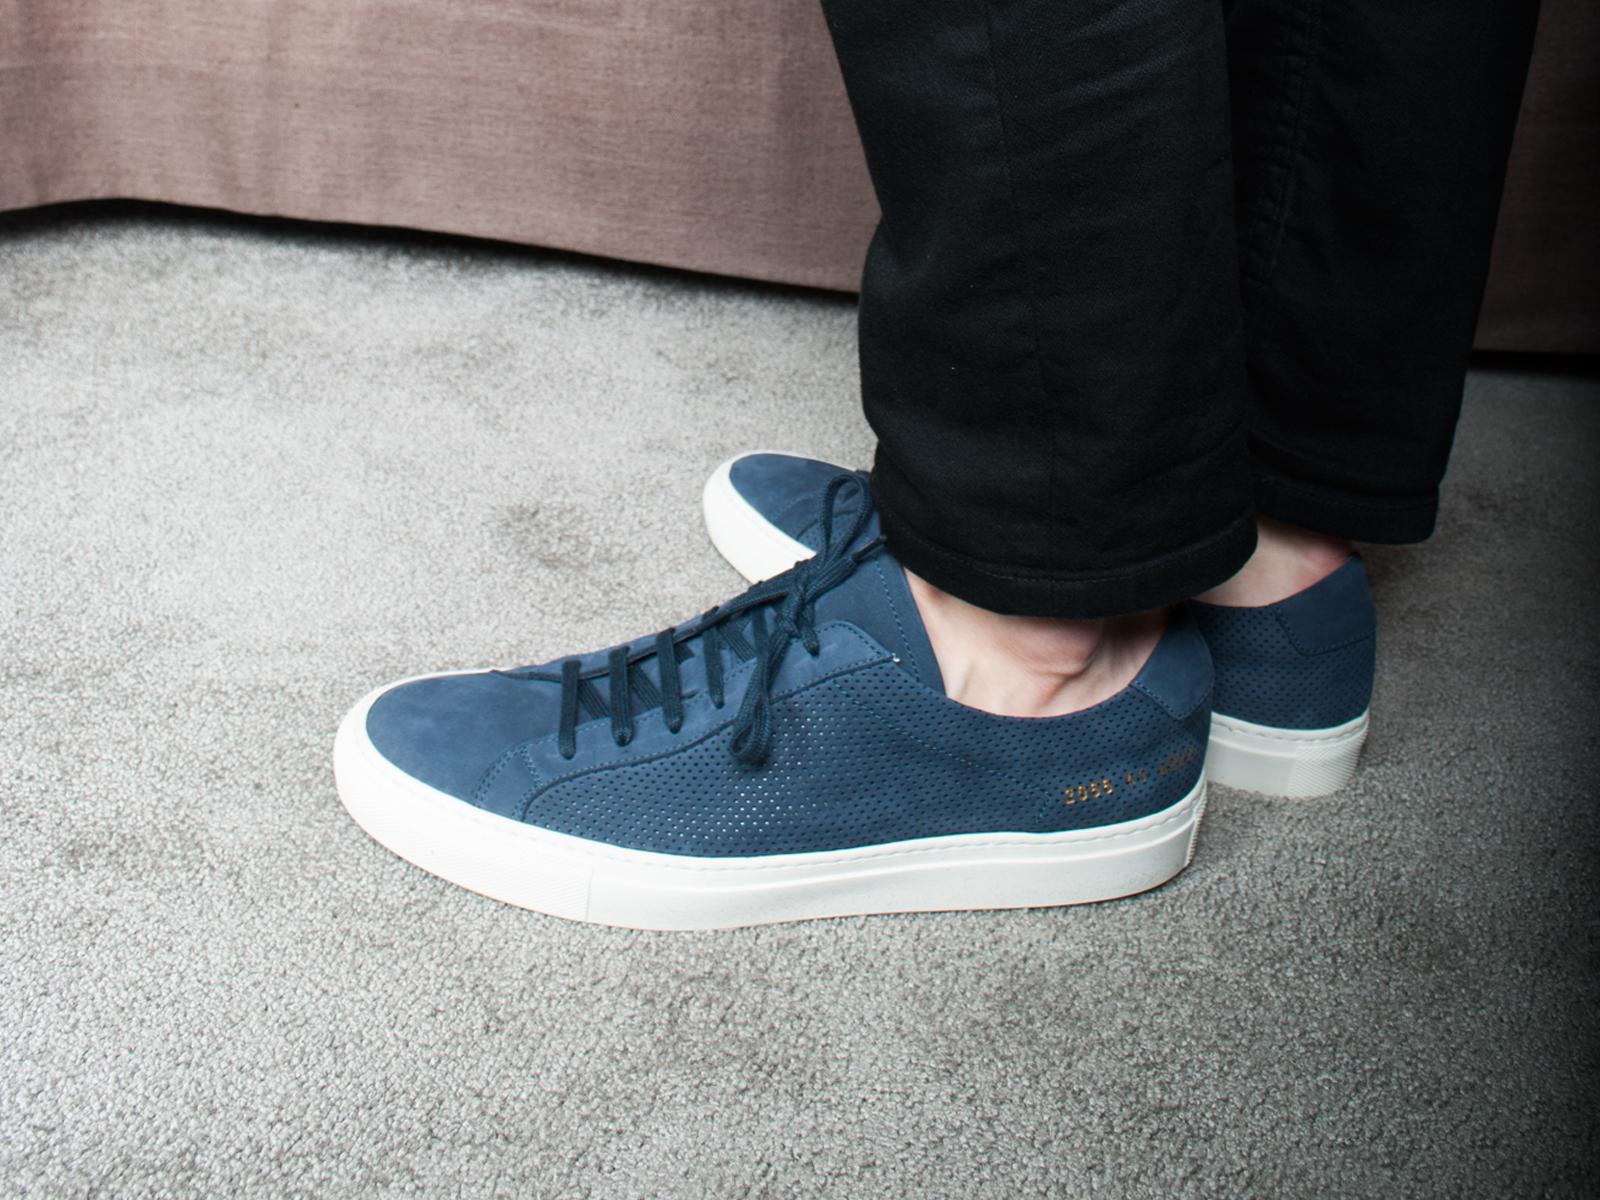 858d1251101f0 حتى تكتمل أناقتك.. تعرف على أفضل 10 ماركات للأحذية الرياضية